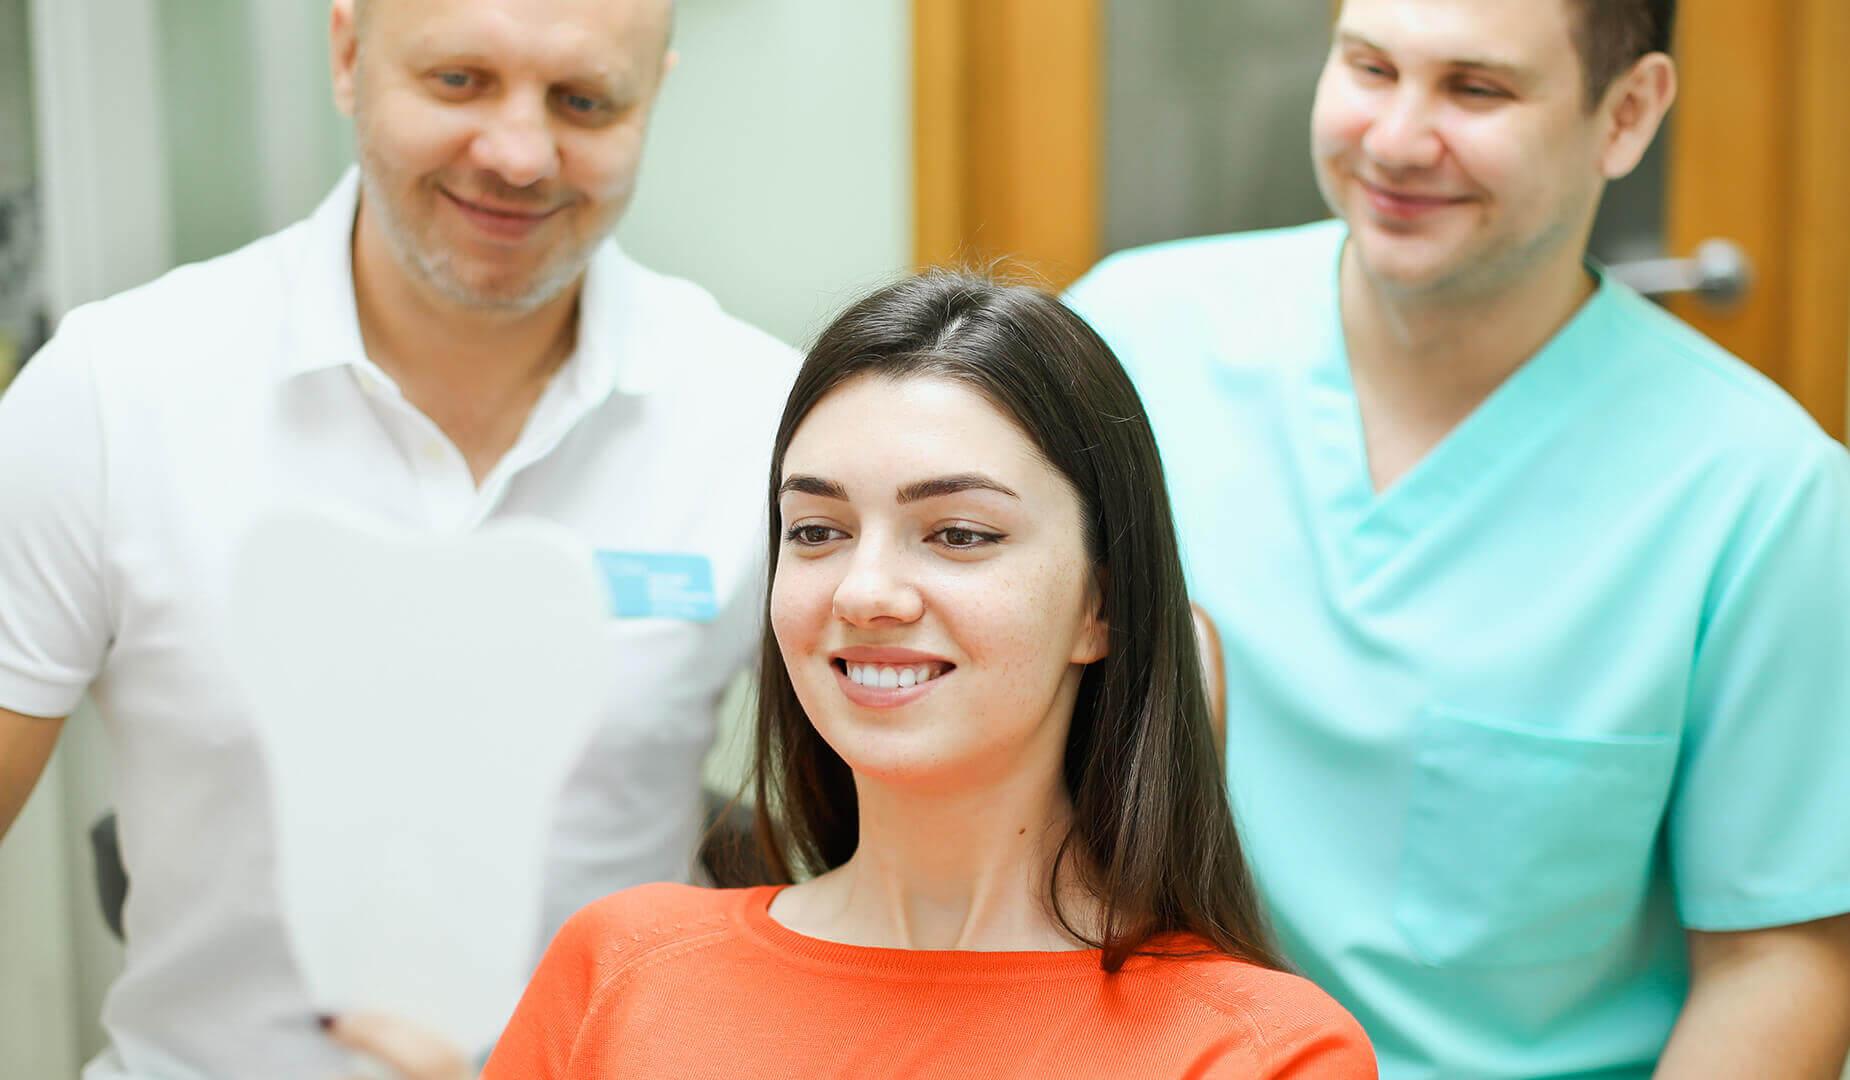 Пациентка любуется новой улыбкой